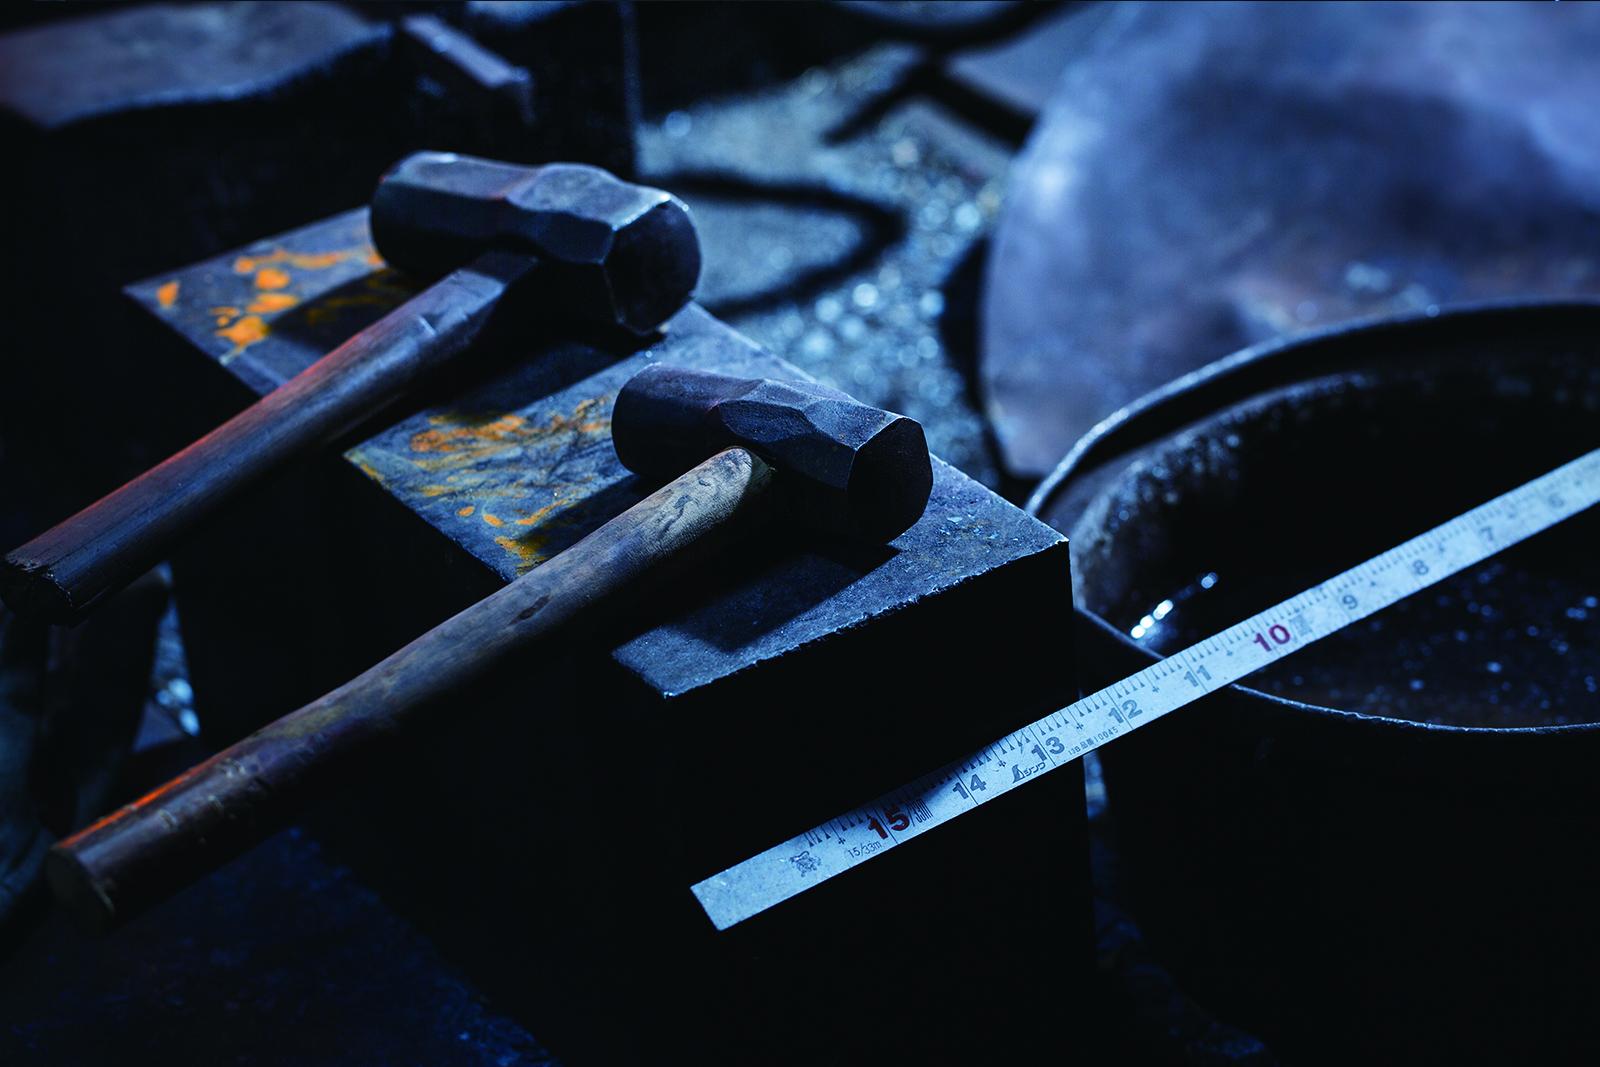 2つ並んだ、当代専用の手前にある手槌と、先代から受け継がれた奥の手槌。